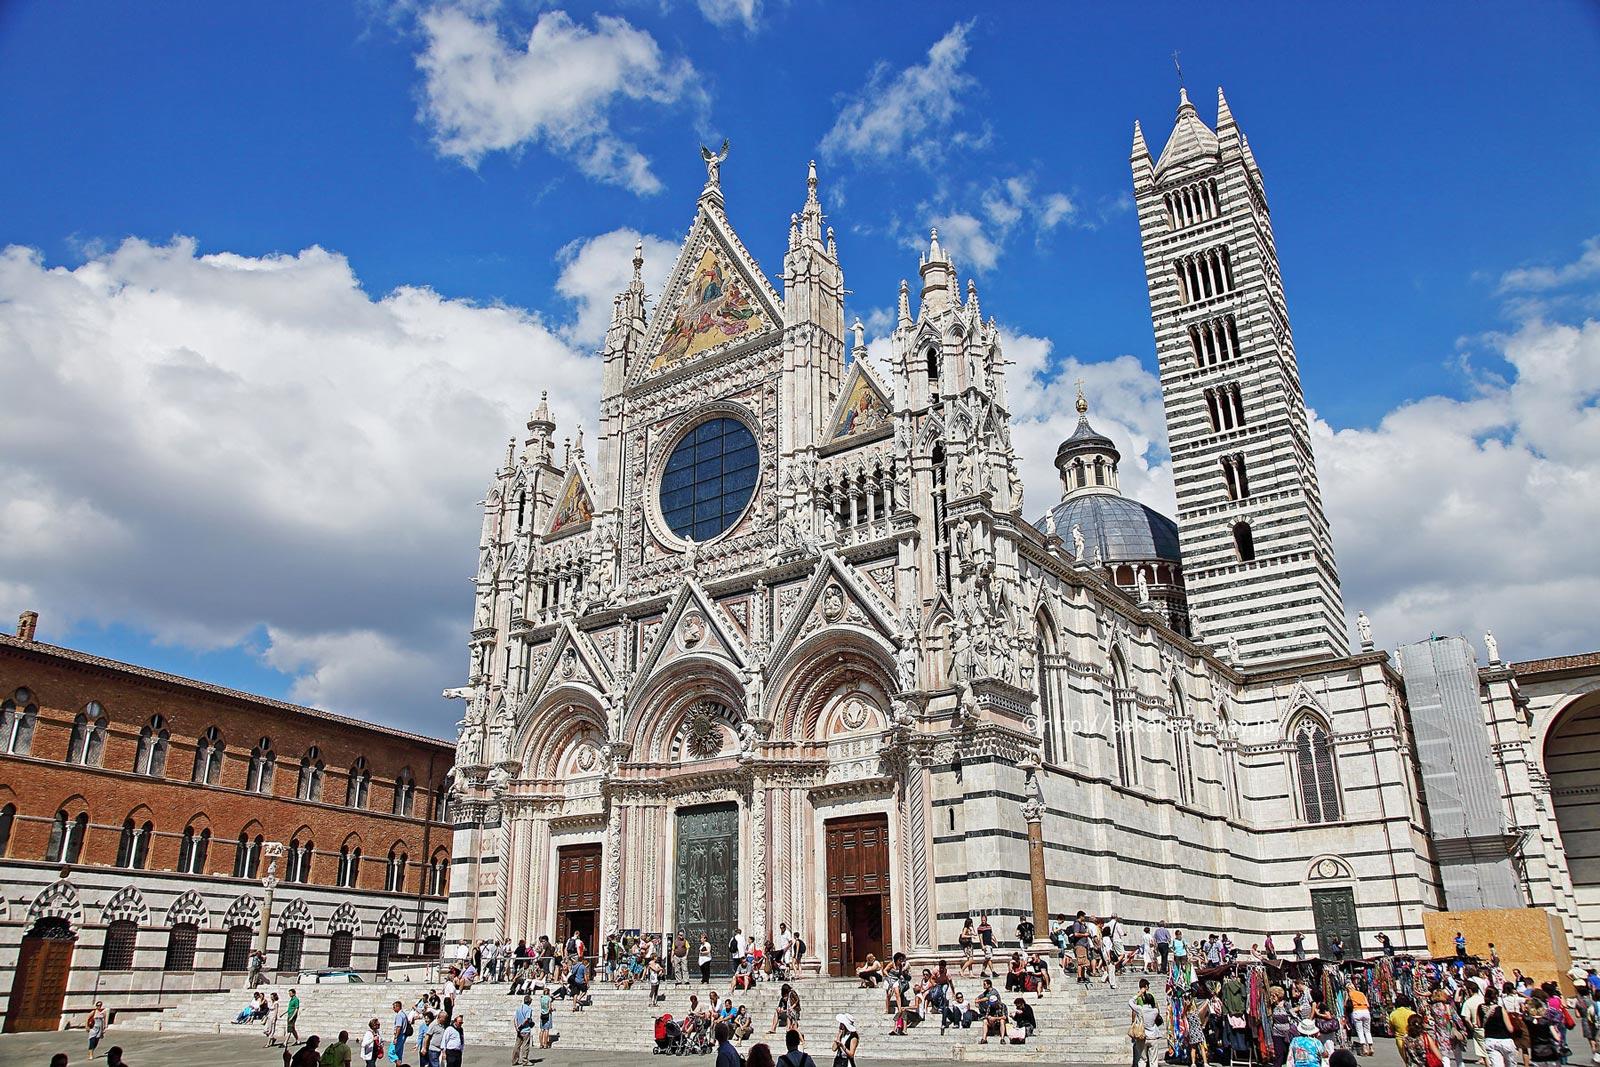 イタリア「シエナ歴史地区」- シエナ大聖堂